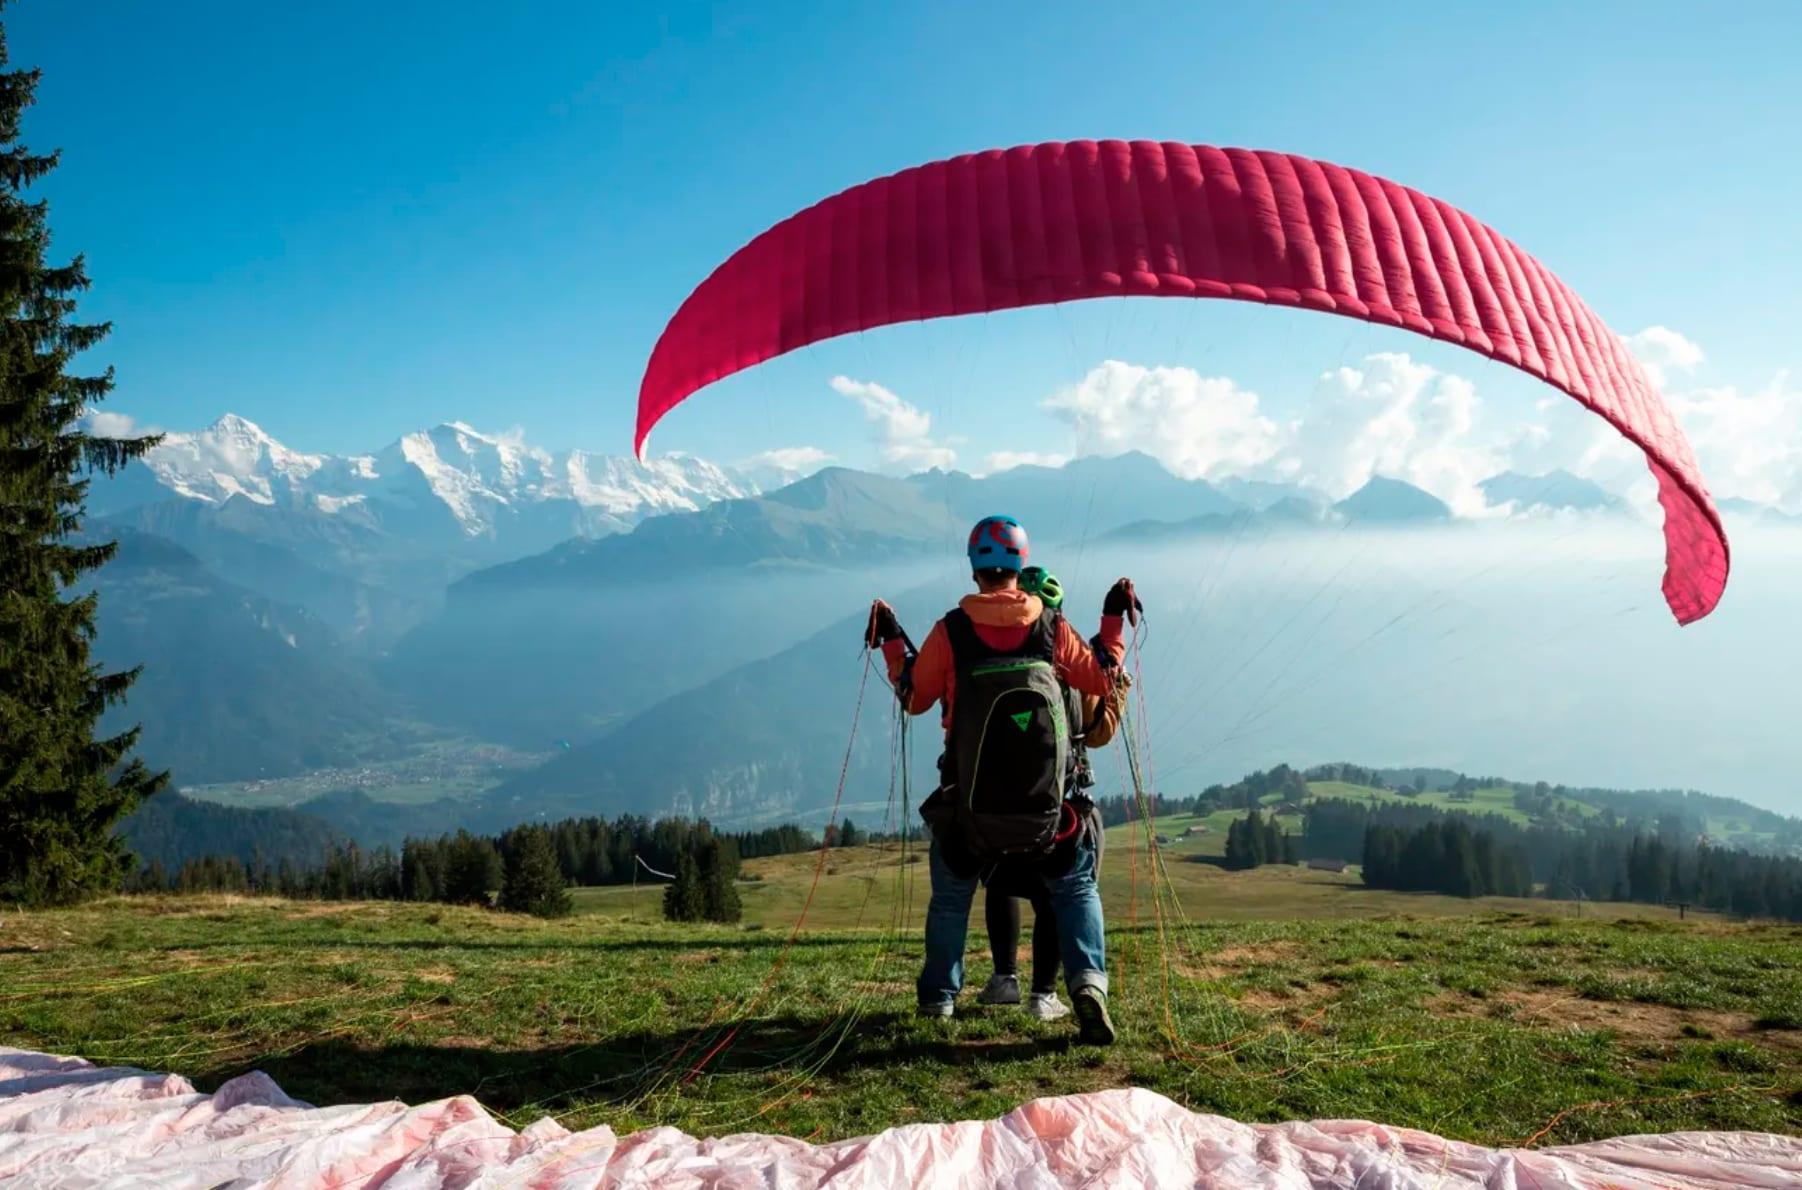 เครื่องร่มร่อน paragliding สวิตเซอร์แลนด์